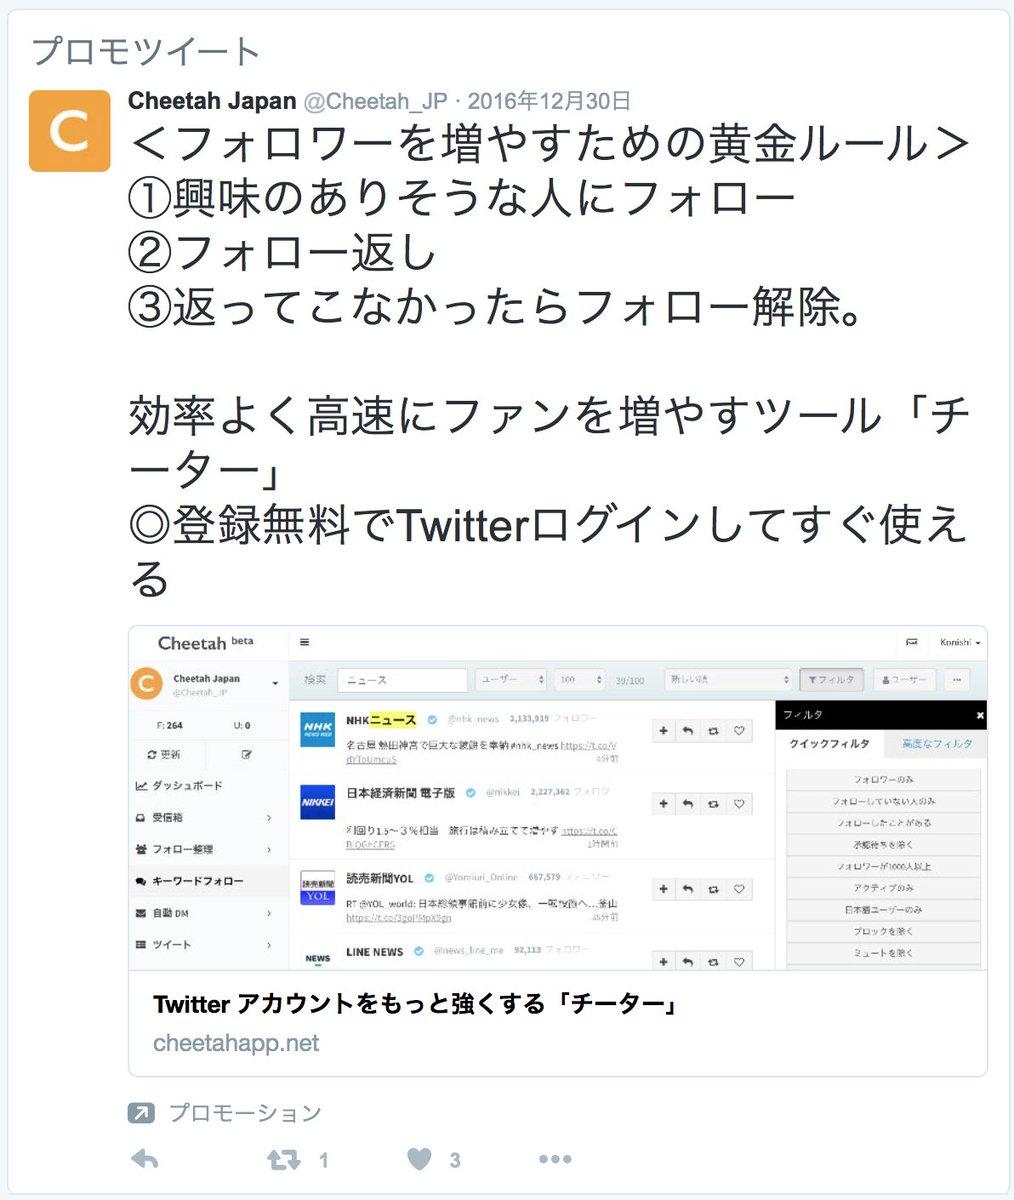 おい!ツイッター社おまえ!おまえこんな広告に許可出していいのかよ!おまえのサービス、botと業者しかいなくなるぞ! https://t.co/vs3QAeQfHa